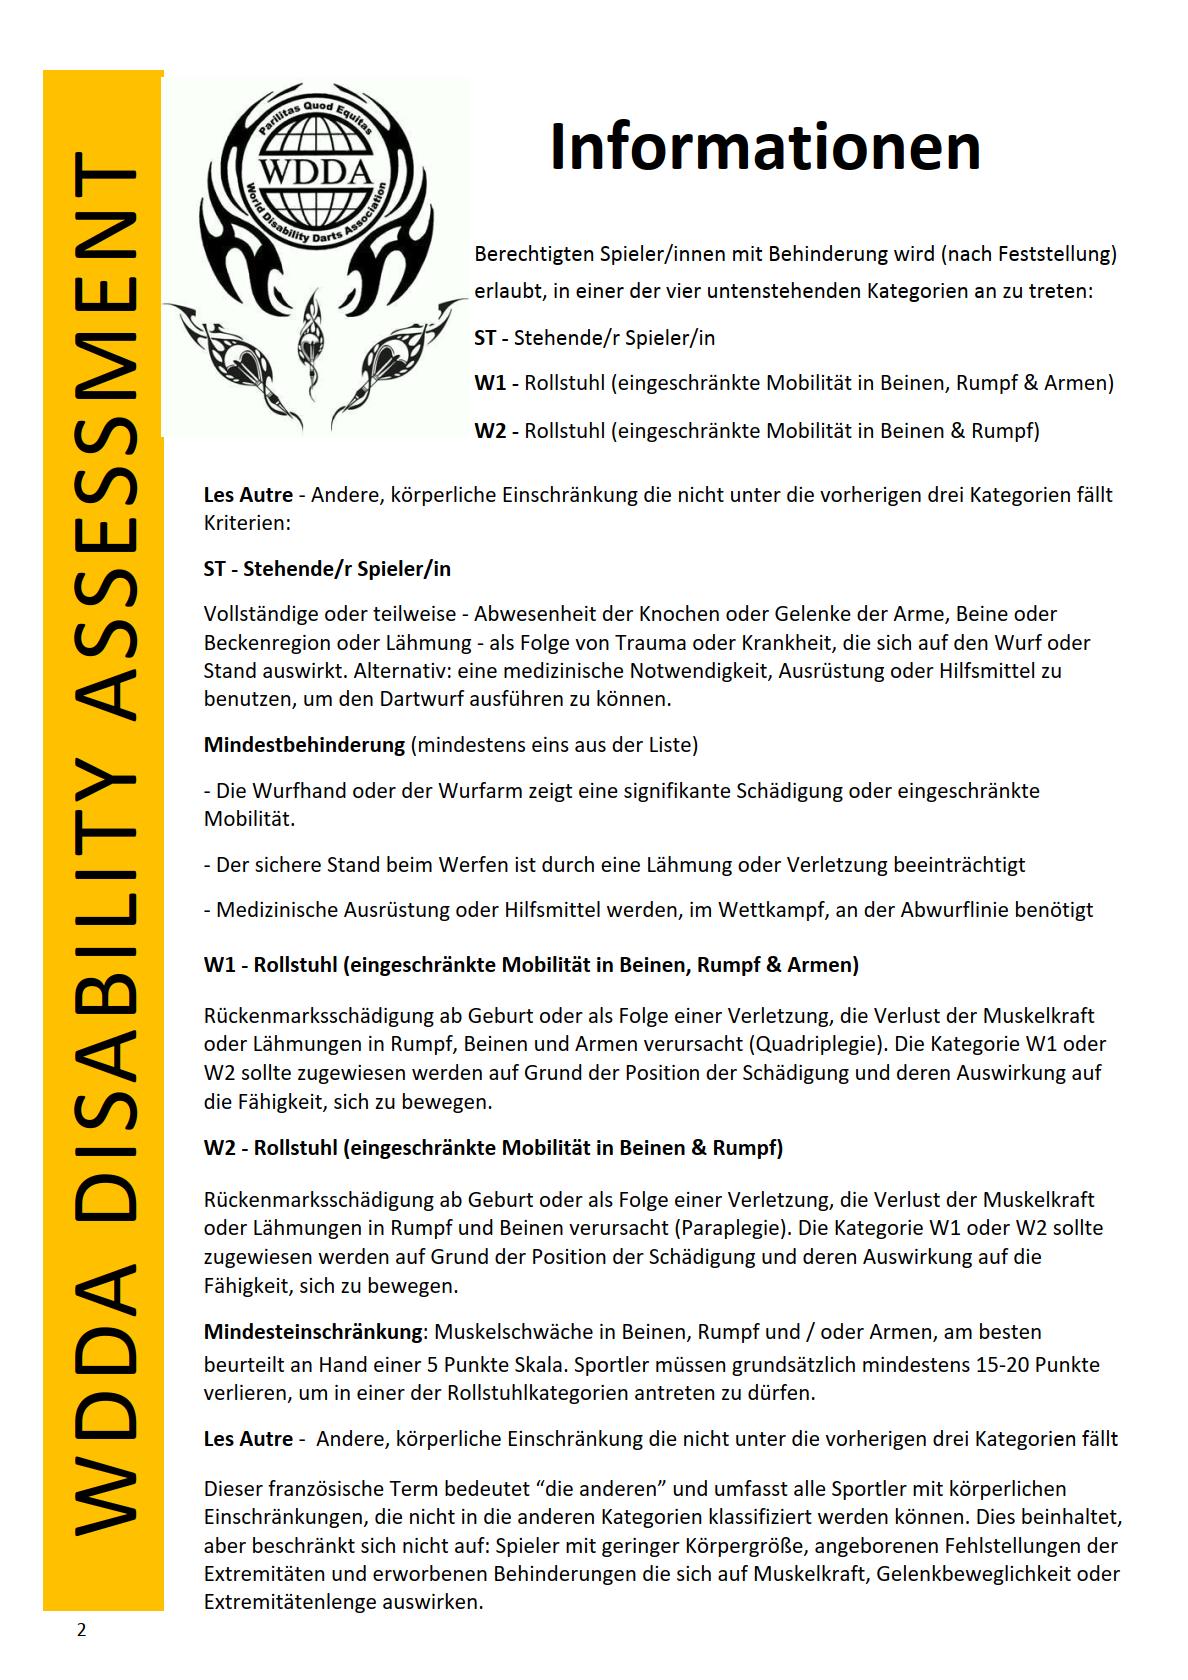 WDDA formular seite 2